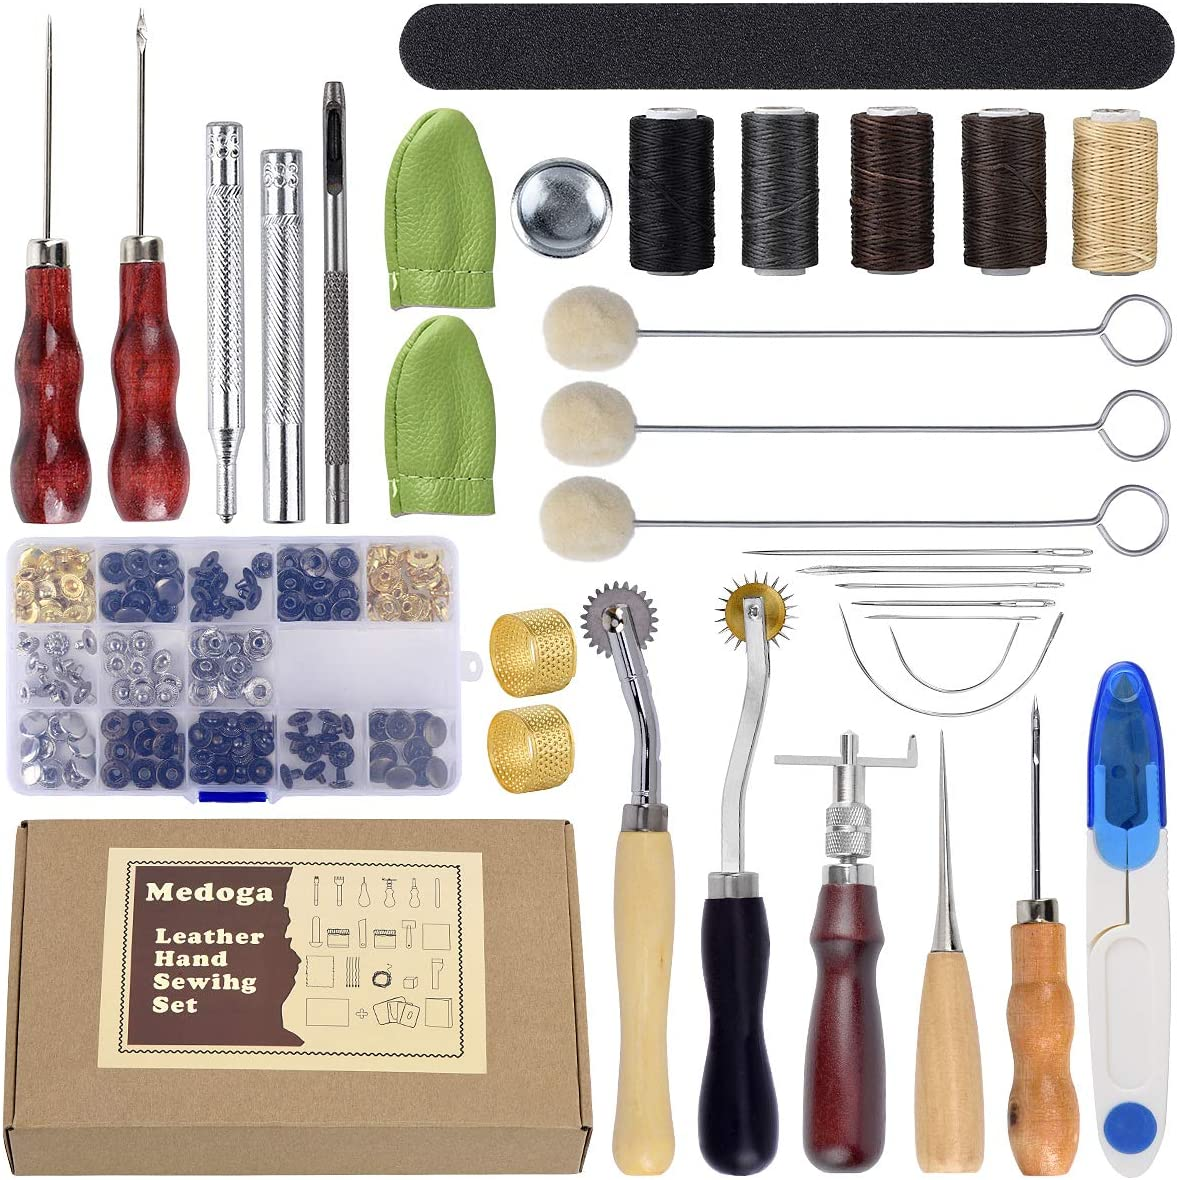 Outils de travail pour le cuir 28 outils de bricolage en cuir avec selle Groover Pointer les outils /à aiguille